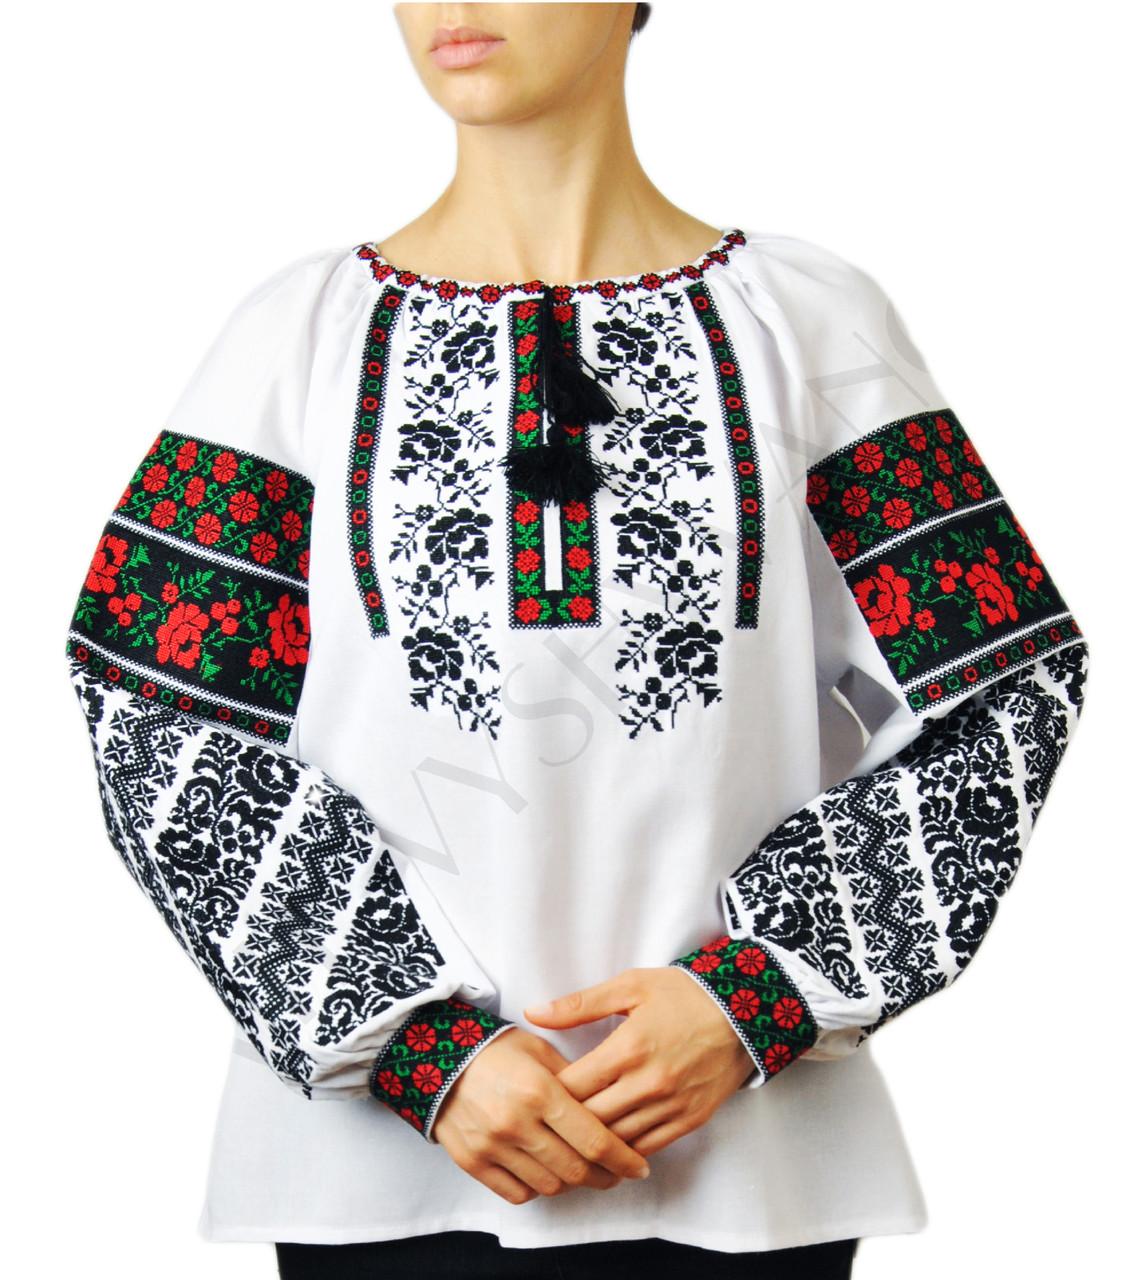 Жіноча вишиванка з якісною машинною вишивкою